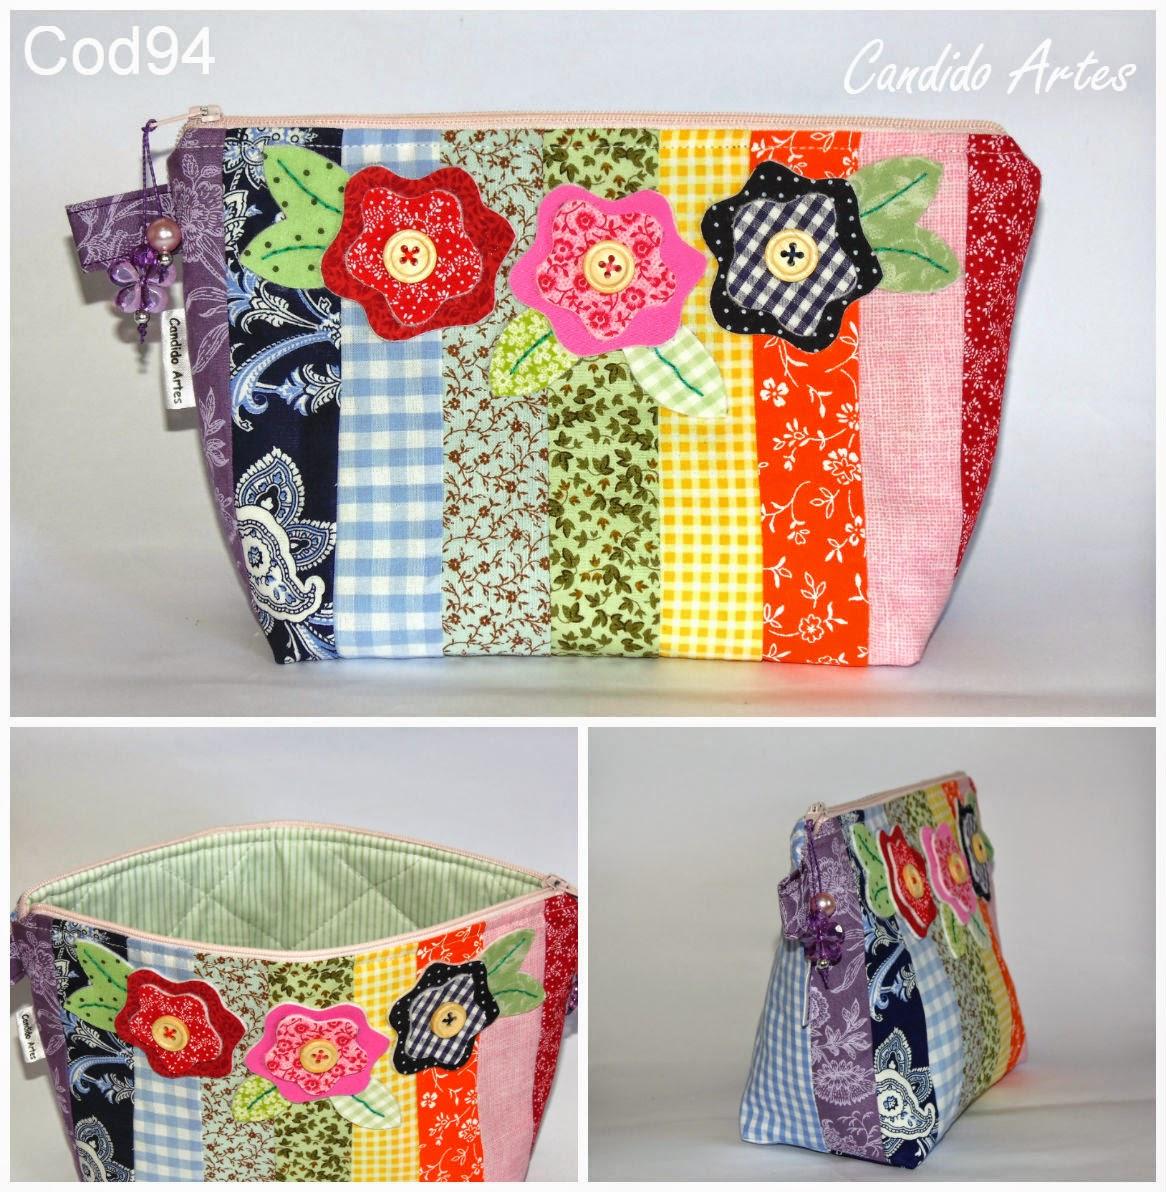 Armario Retro Pequeno ~ Artesanato Candido Artes Necessaire em patchwork colors com aplique de flor